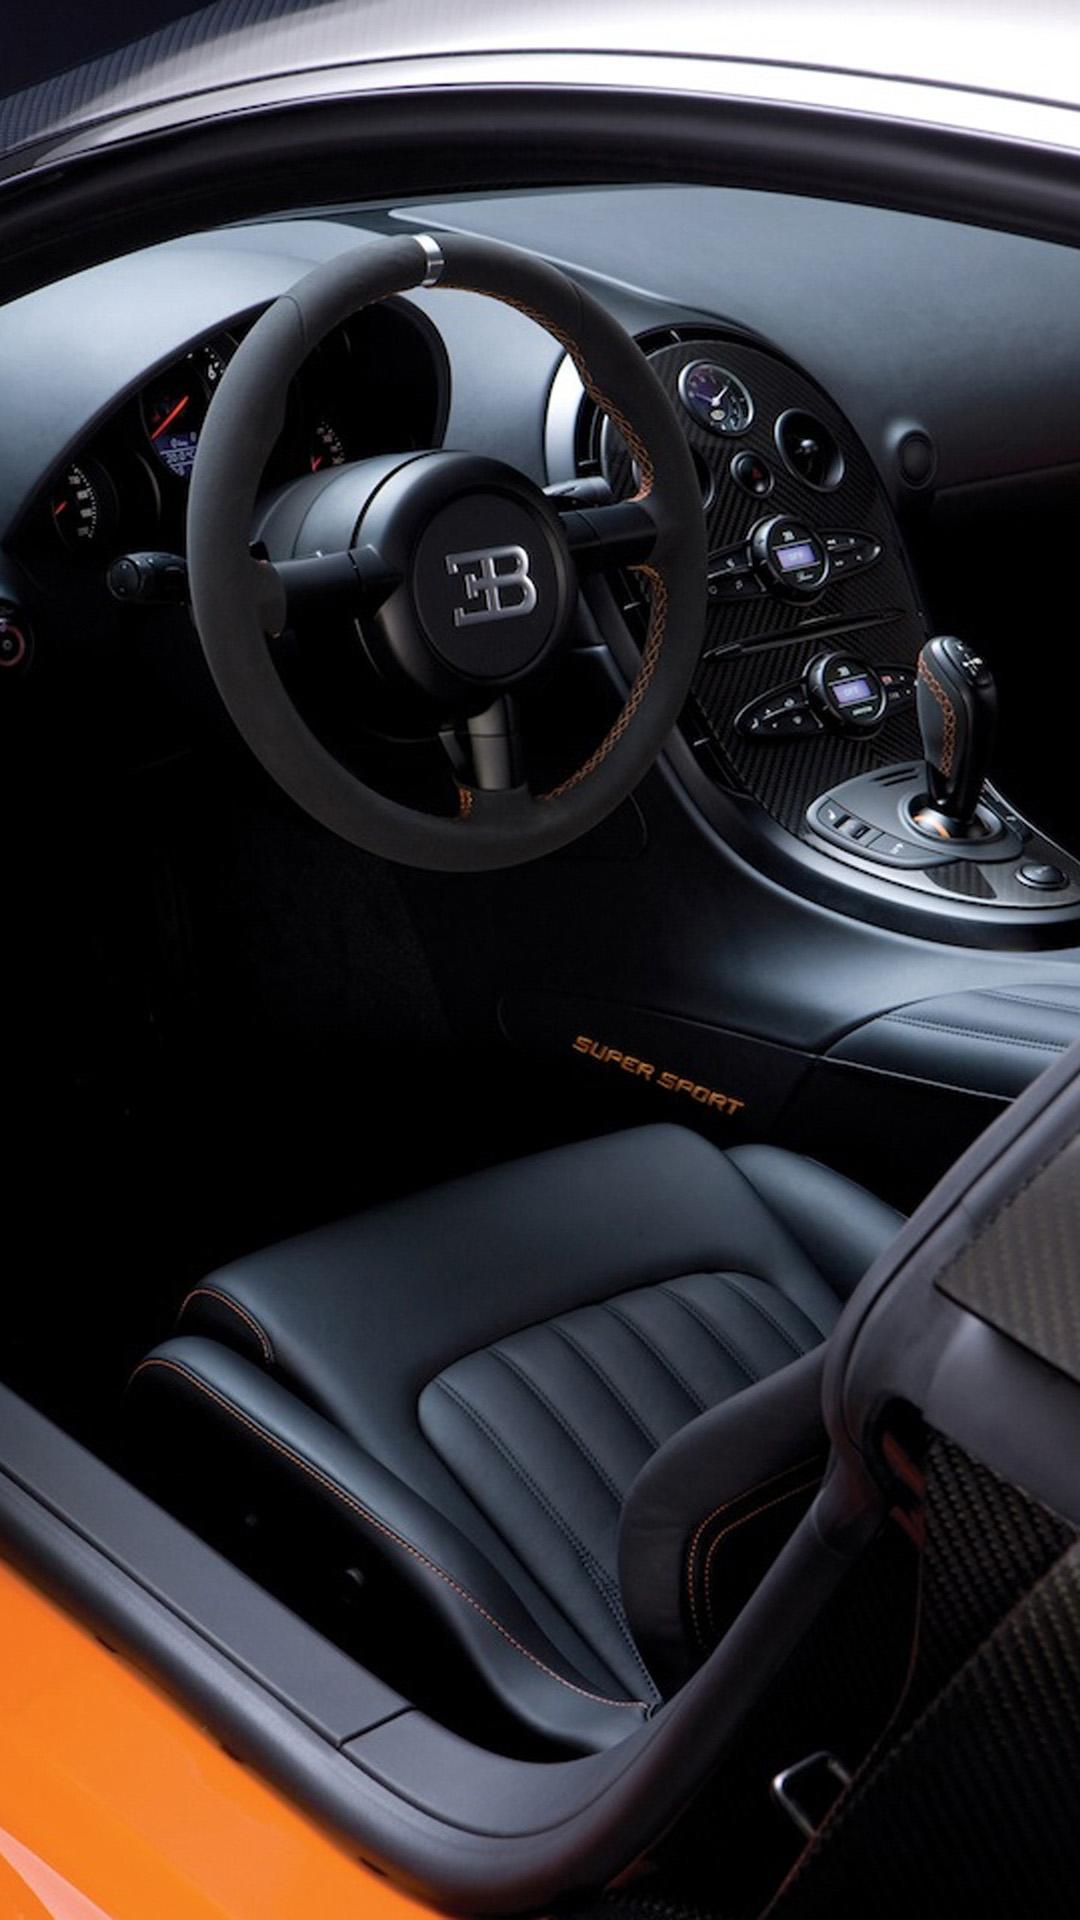 Bugatti driver interior hd wallpaper iphone 6 plus for Interior iphone 6